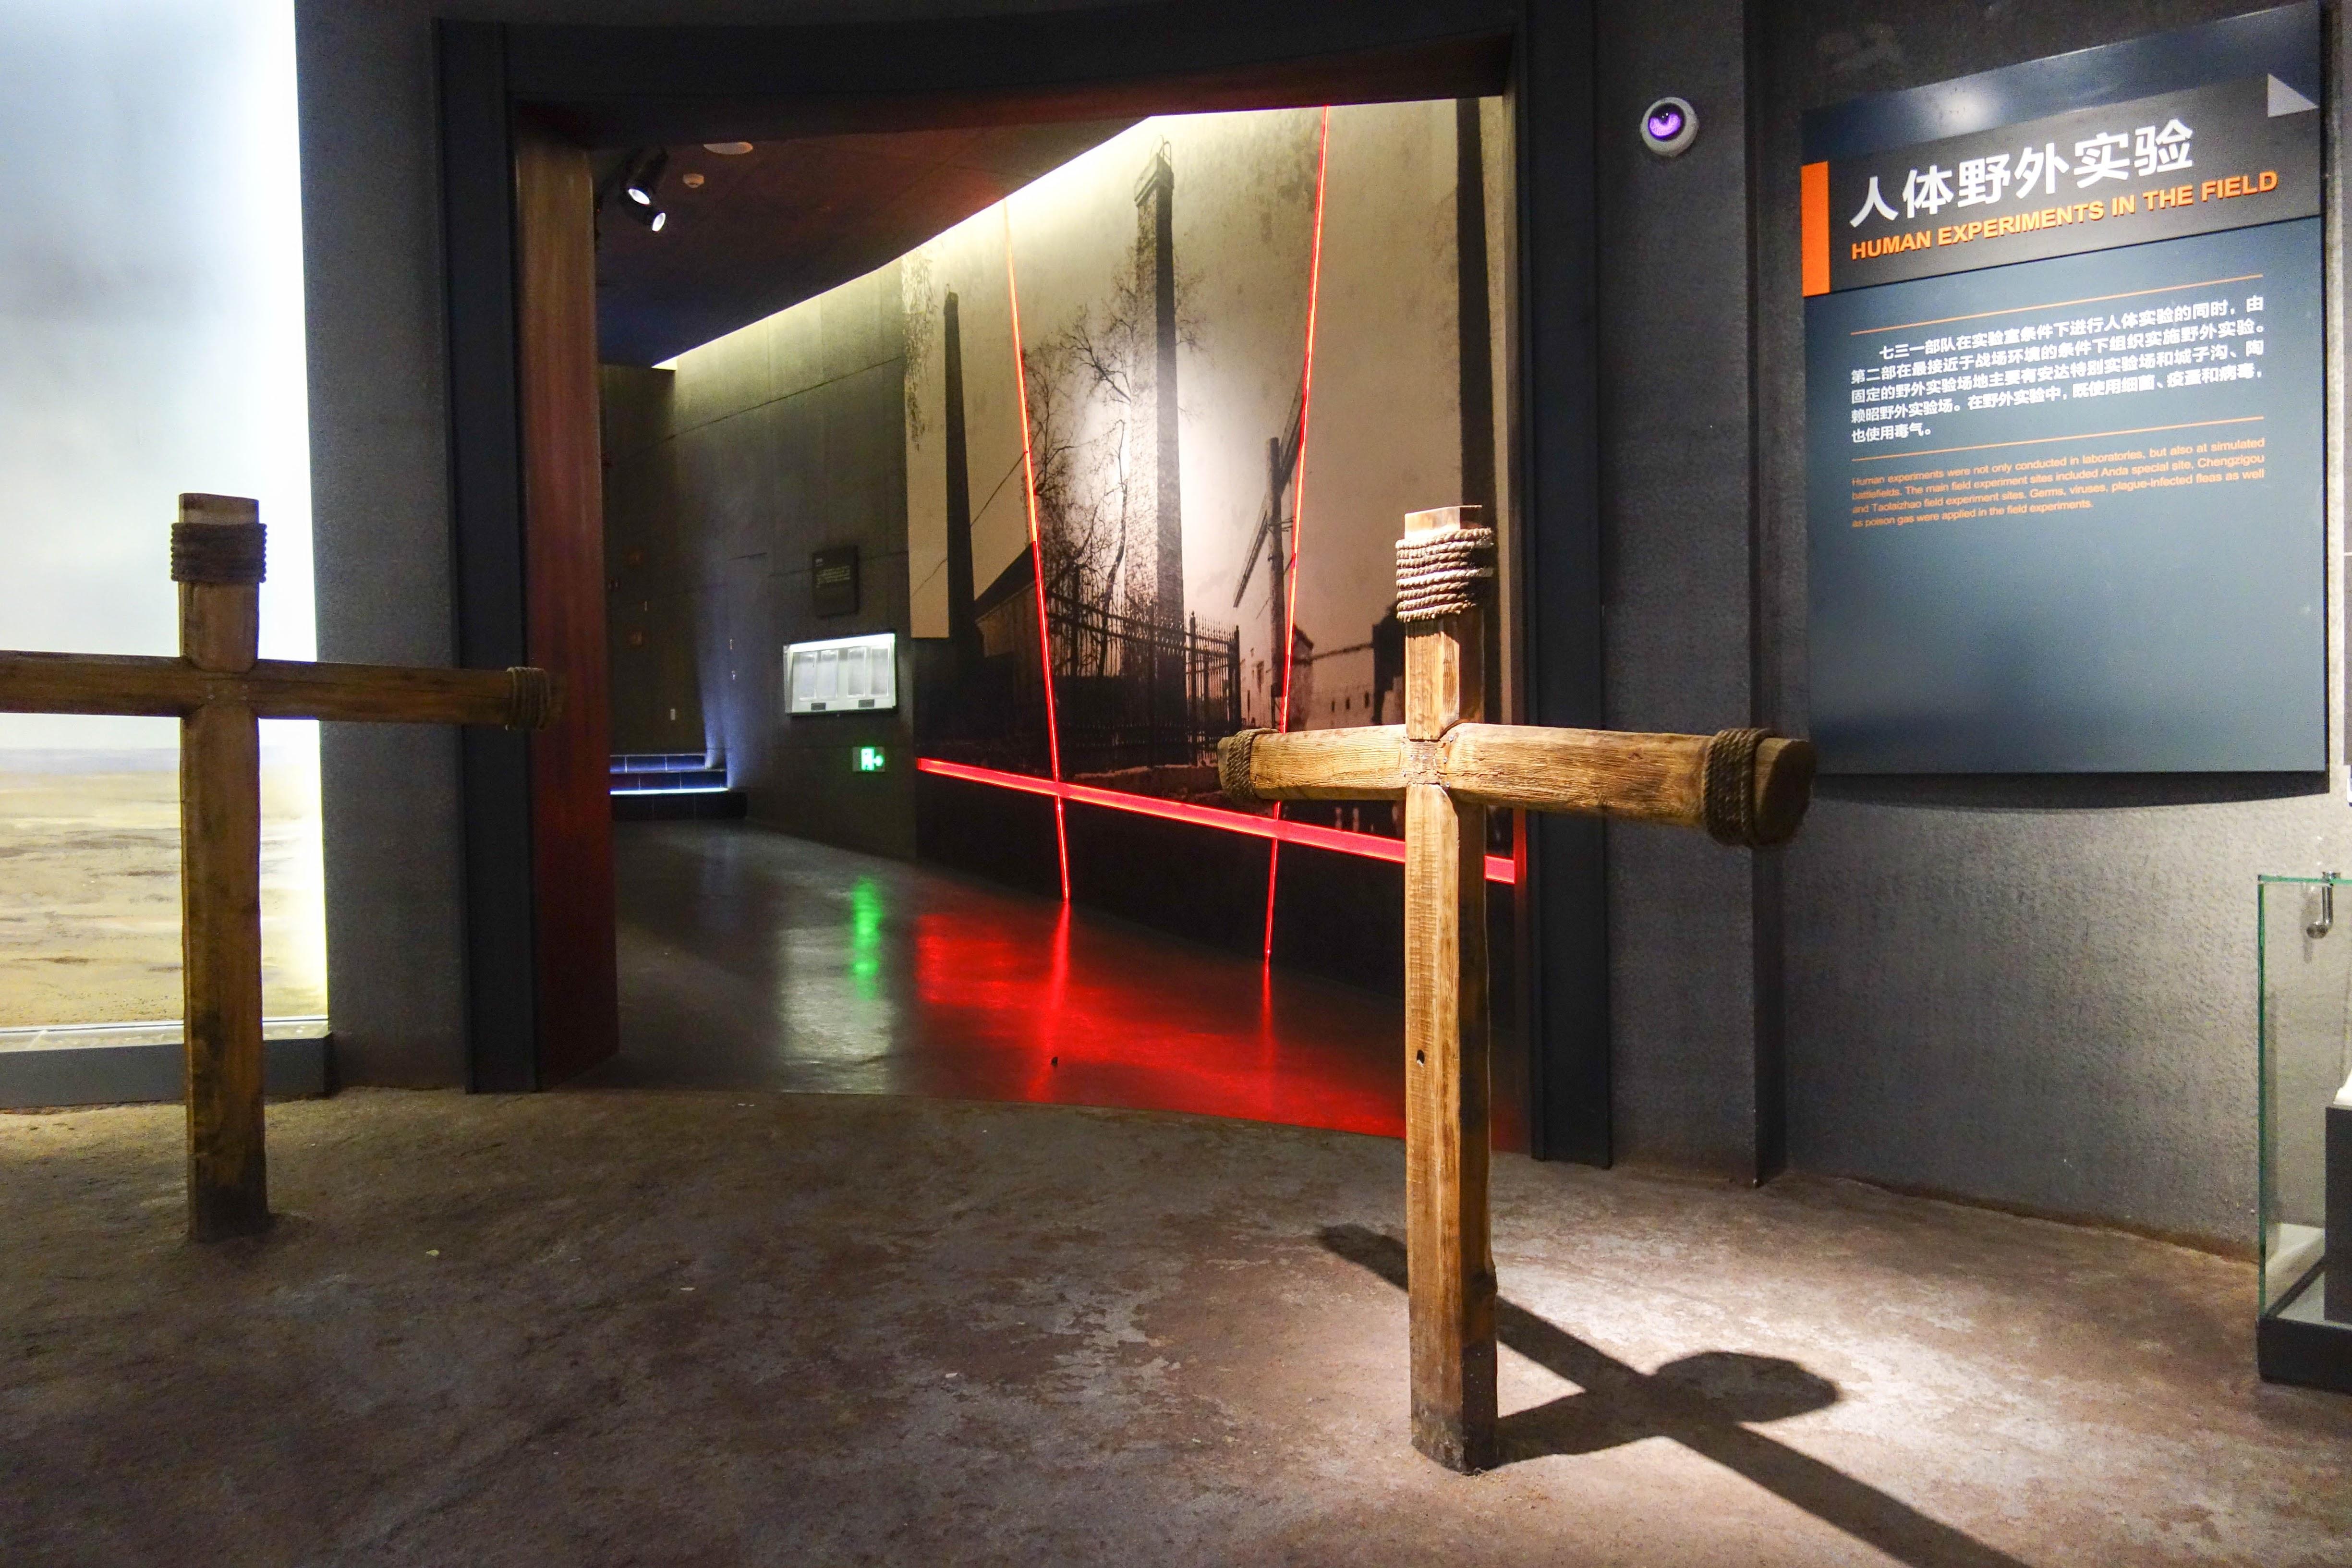 中国・ハルビンの「侵華日軍第731部隊罪証陳列館」訪問記